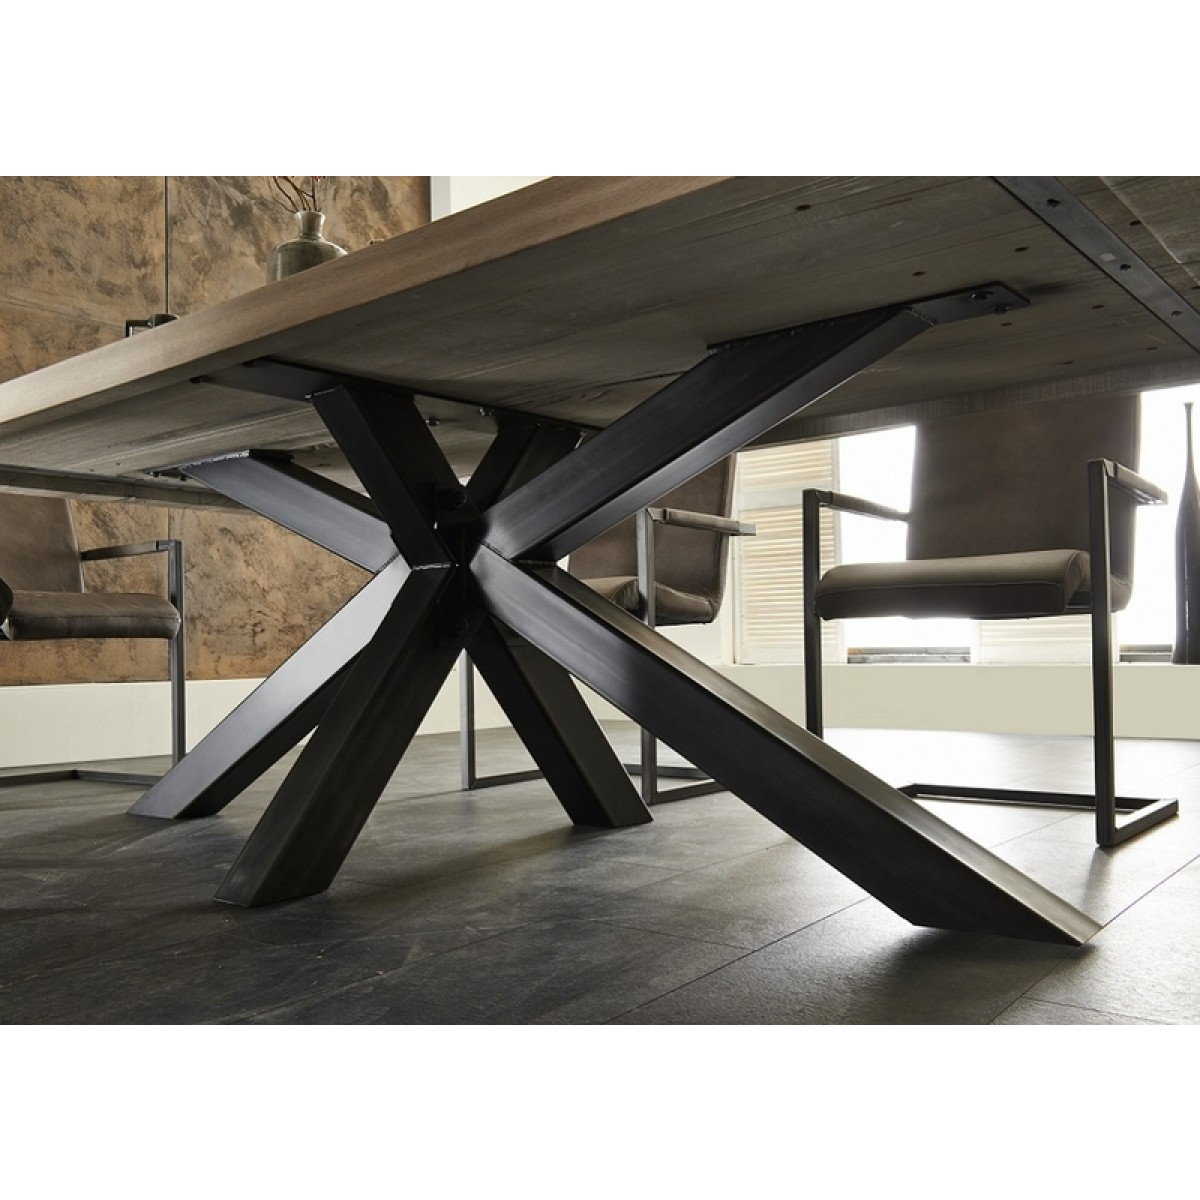 esstisch eiche tischplatte tisch massiv eiche industriedesign gestell aus metall ma e 240 x 100 cm. Black Bedroom Furniture Sets. Home Design Ideas